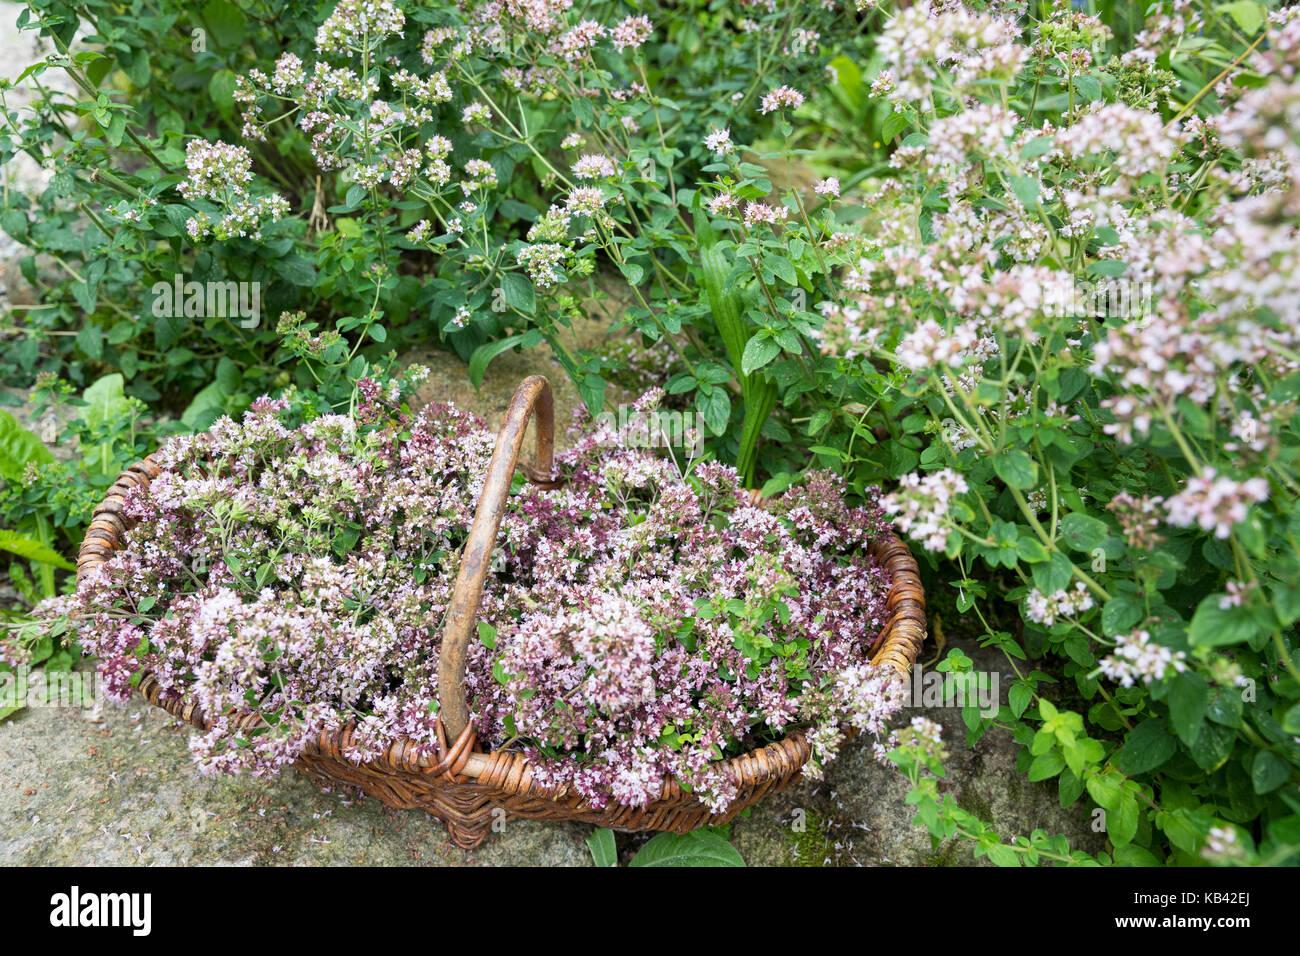 origano origanum vulgare stock photos origano origanum. Black Bedroom Furniture Sets. Home Design Ideas